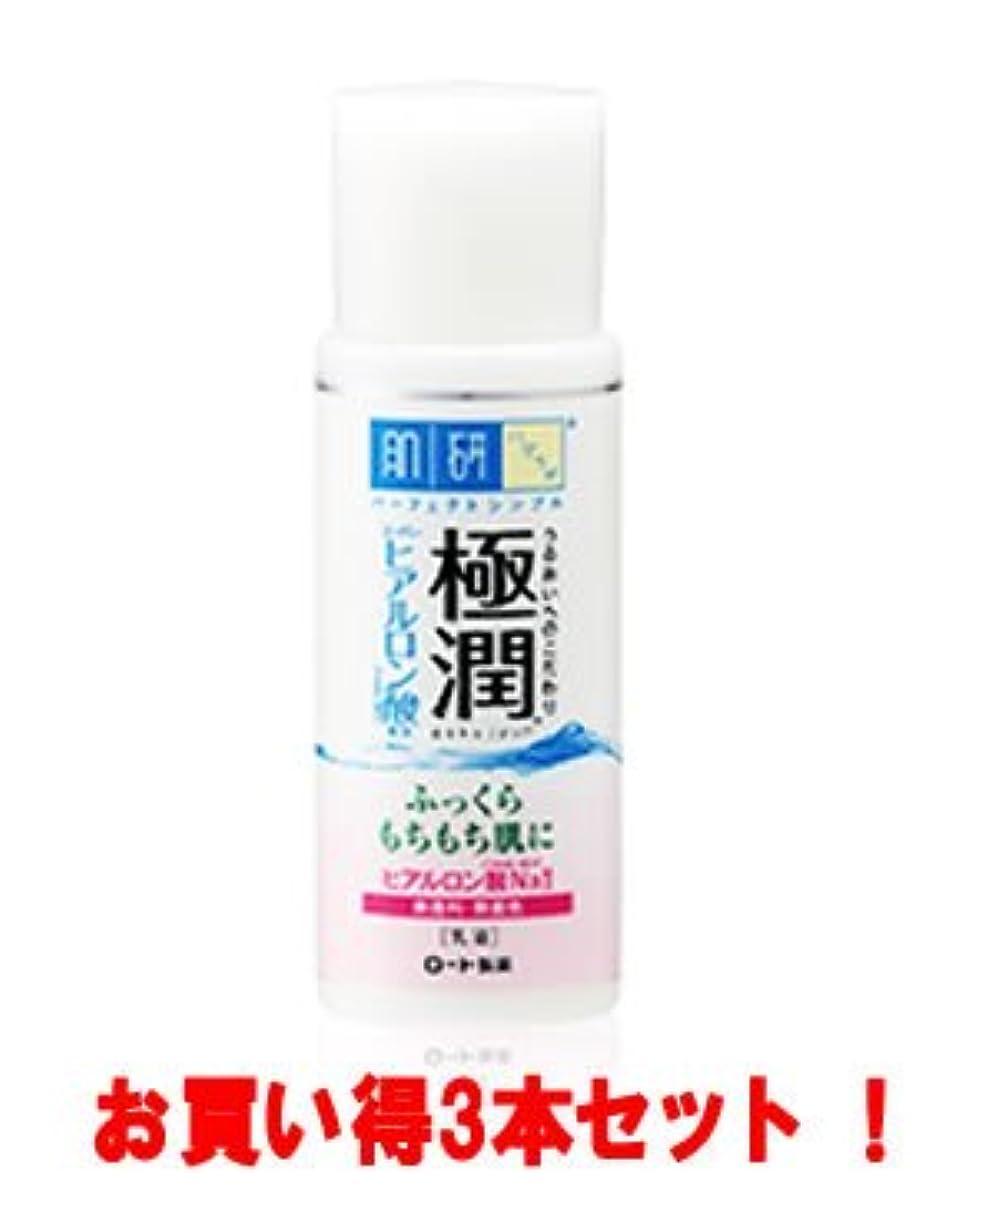 大臣オセアニア実証する肌研(ハダラボ) 極潤ヒアルロン乳液 140ml(お買い得3本セット)